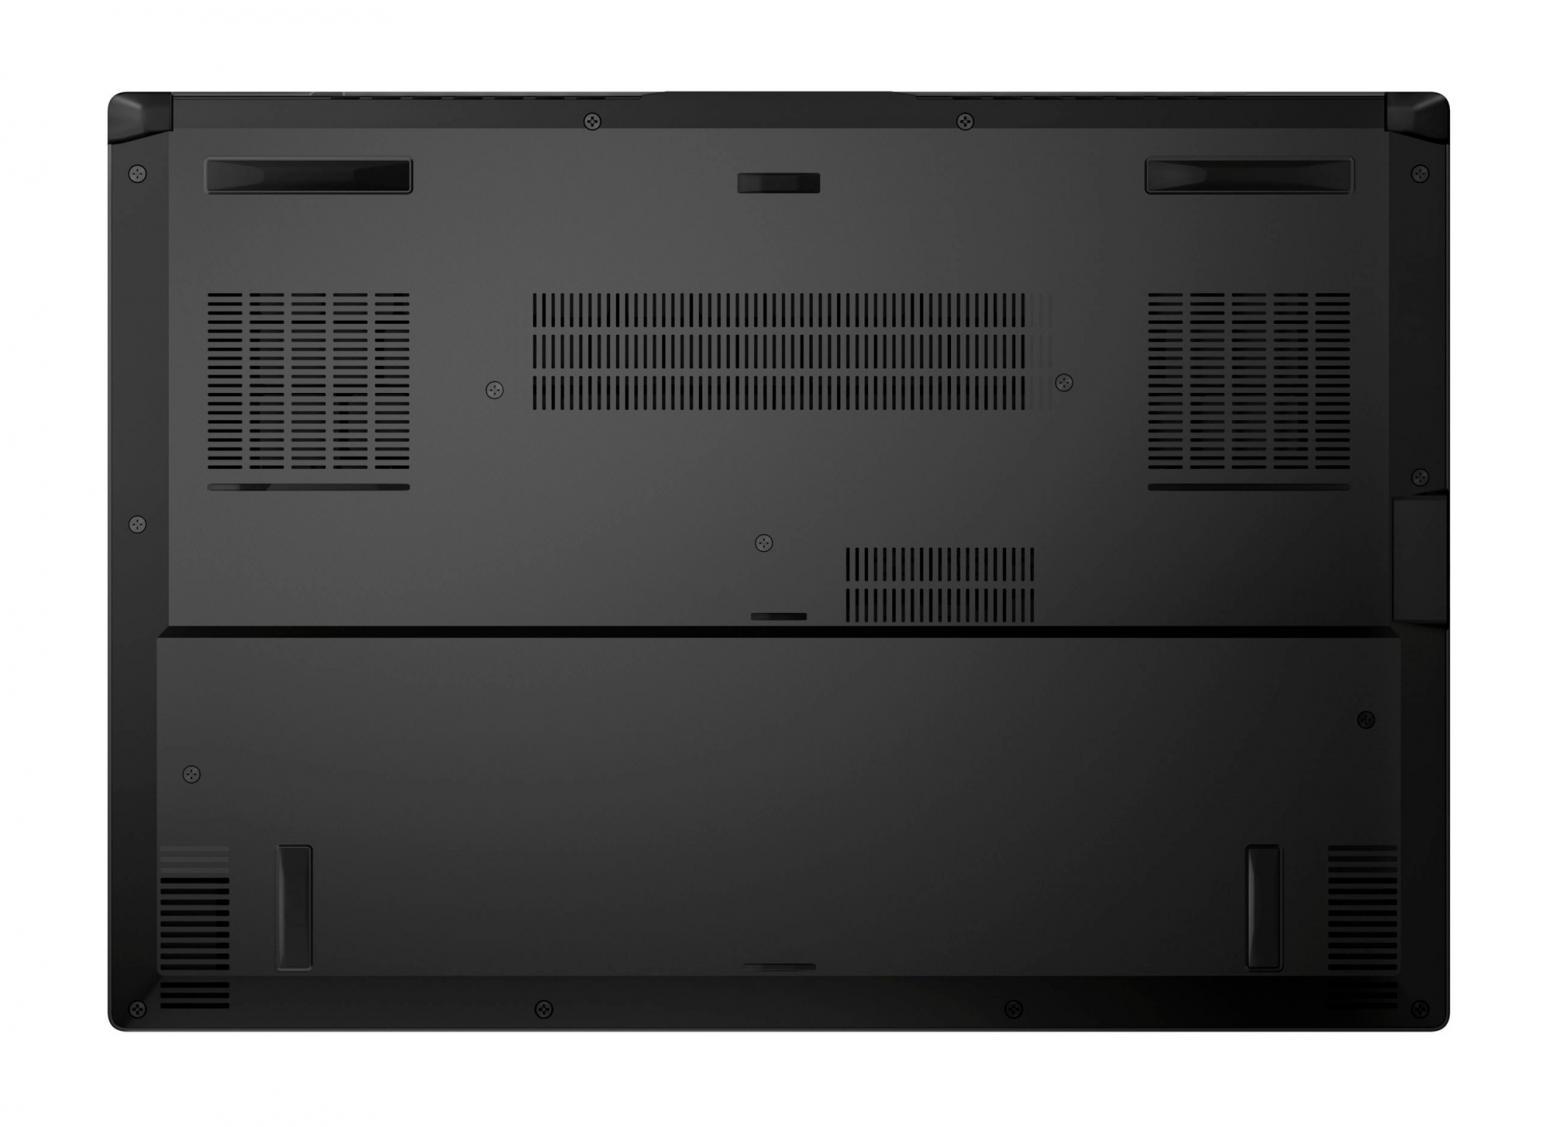 Ordinateur portable Asus TUF Dash F15 516PM-AZ066 Gris - RTX 3060, 240Hz, Sans Windows - photo 10